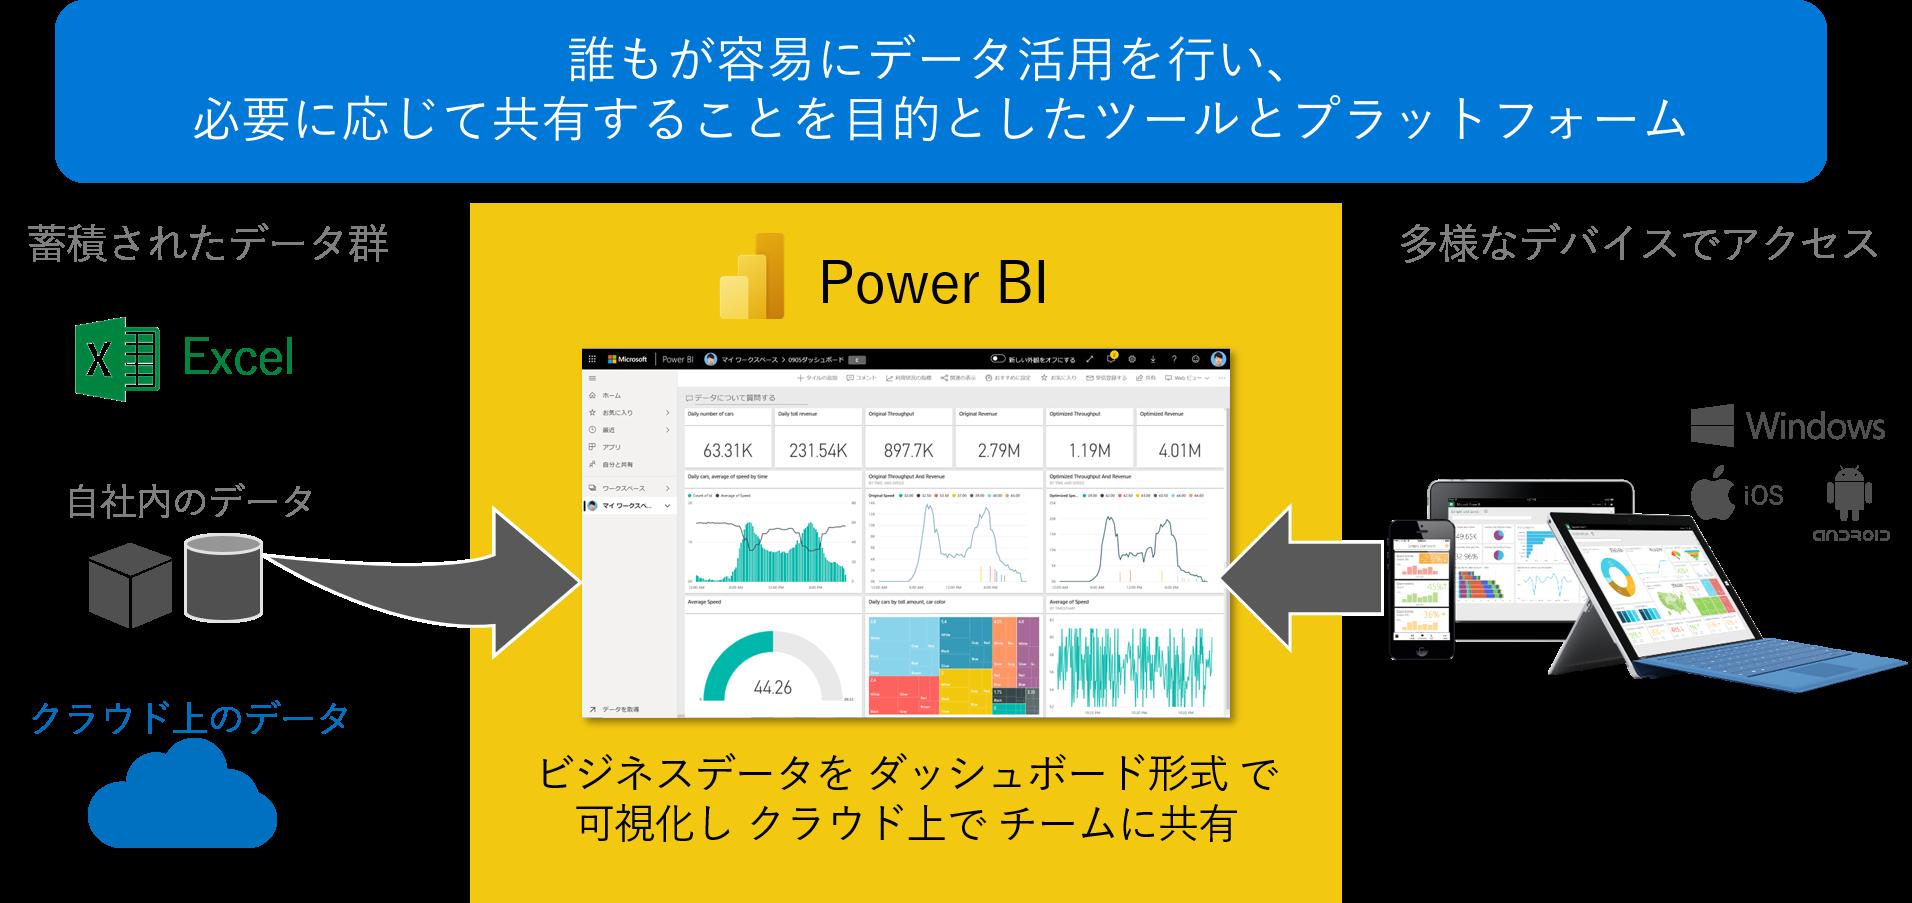 「データ活用の民主化」をPower BIで実現